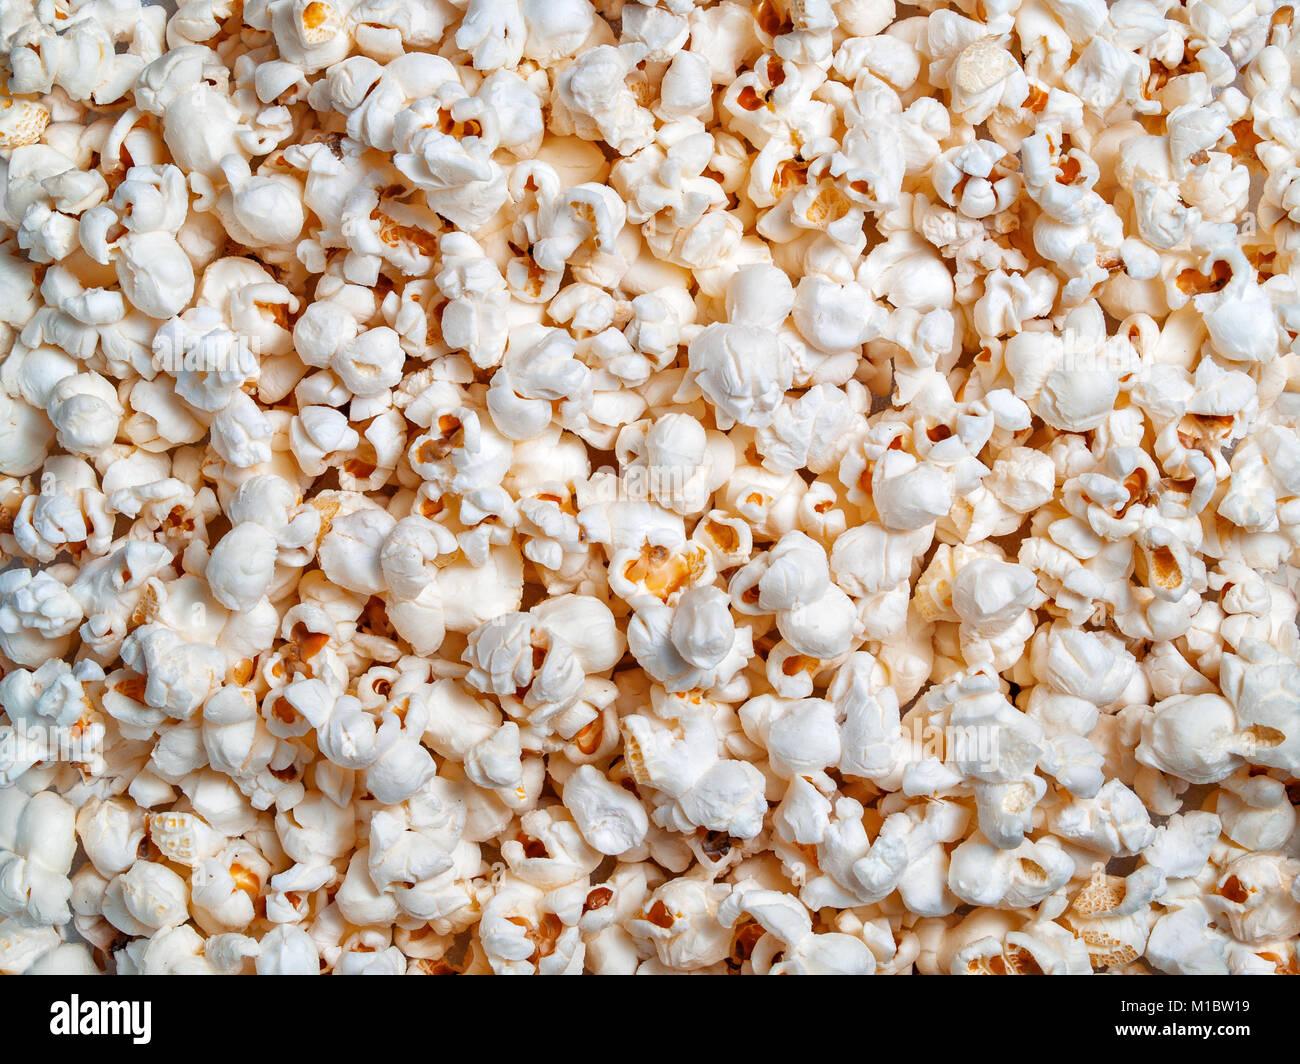 Les grains de maïs popcorn prêt fond texture close-up sur le dessus Photo Stock